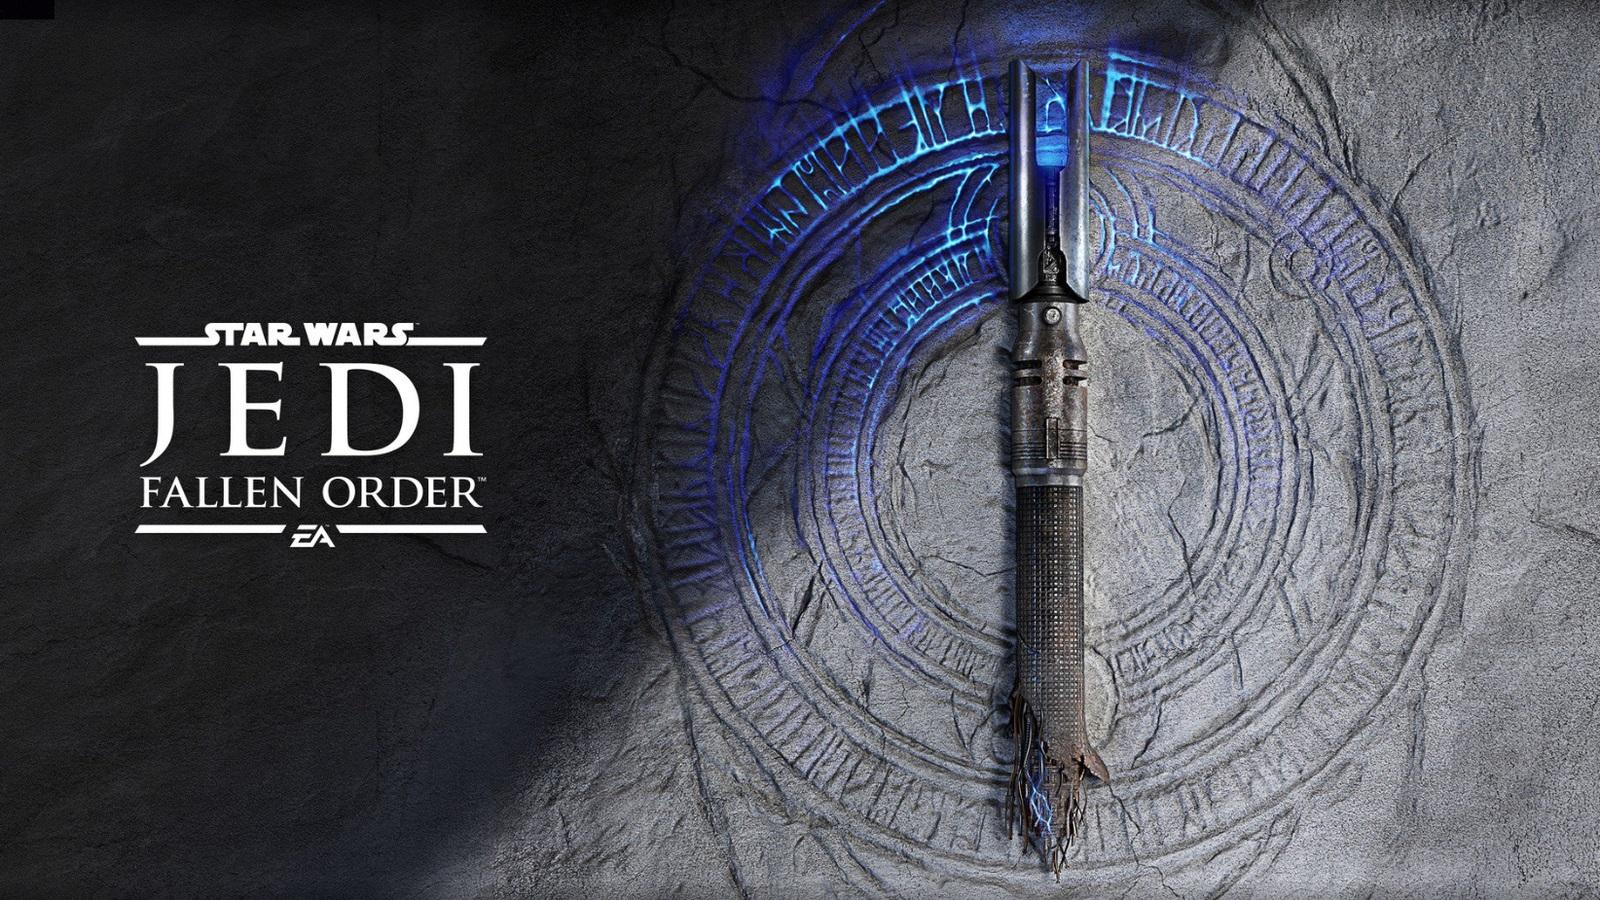 Star Wars Jedi: Fallen order sera un jeu entièrement solo et sans microtransactions